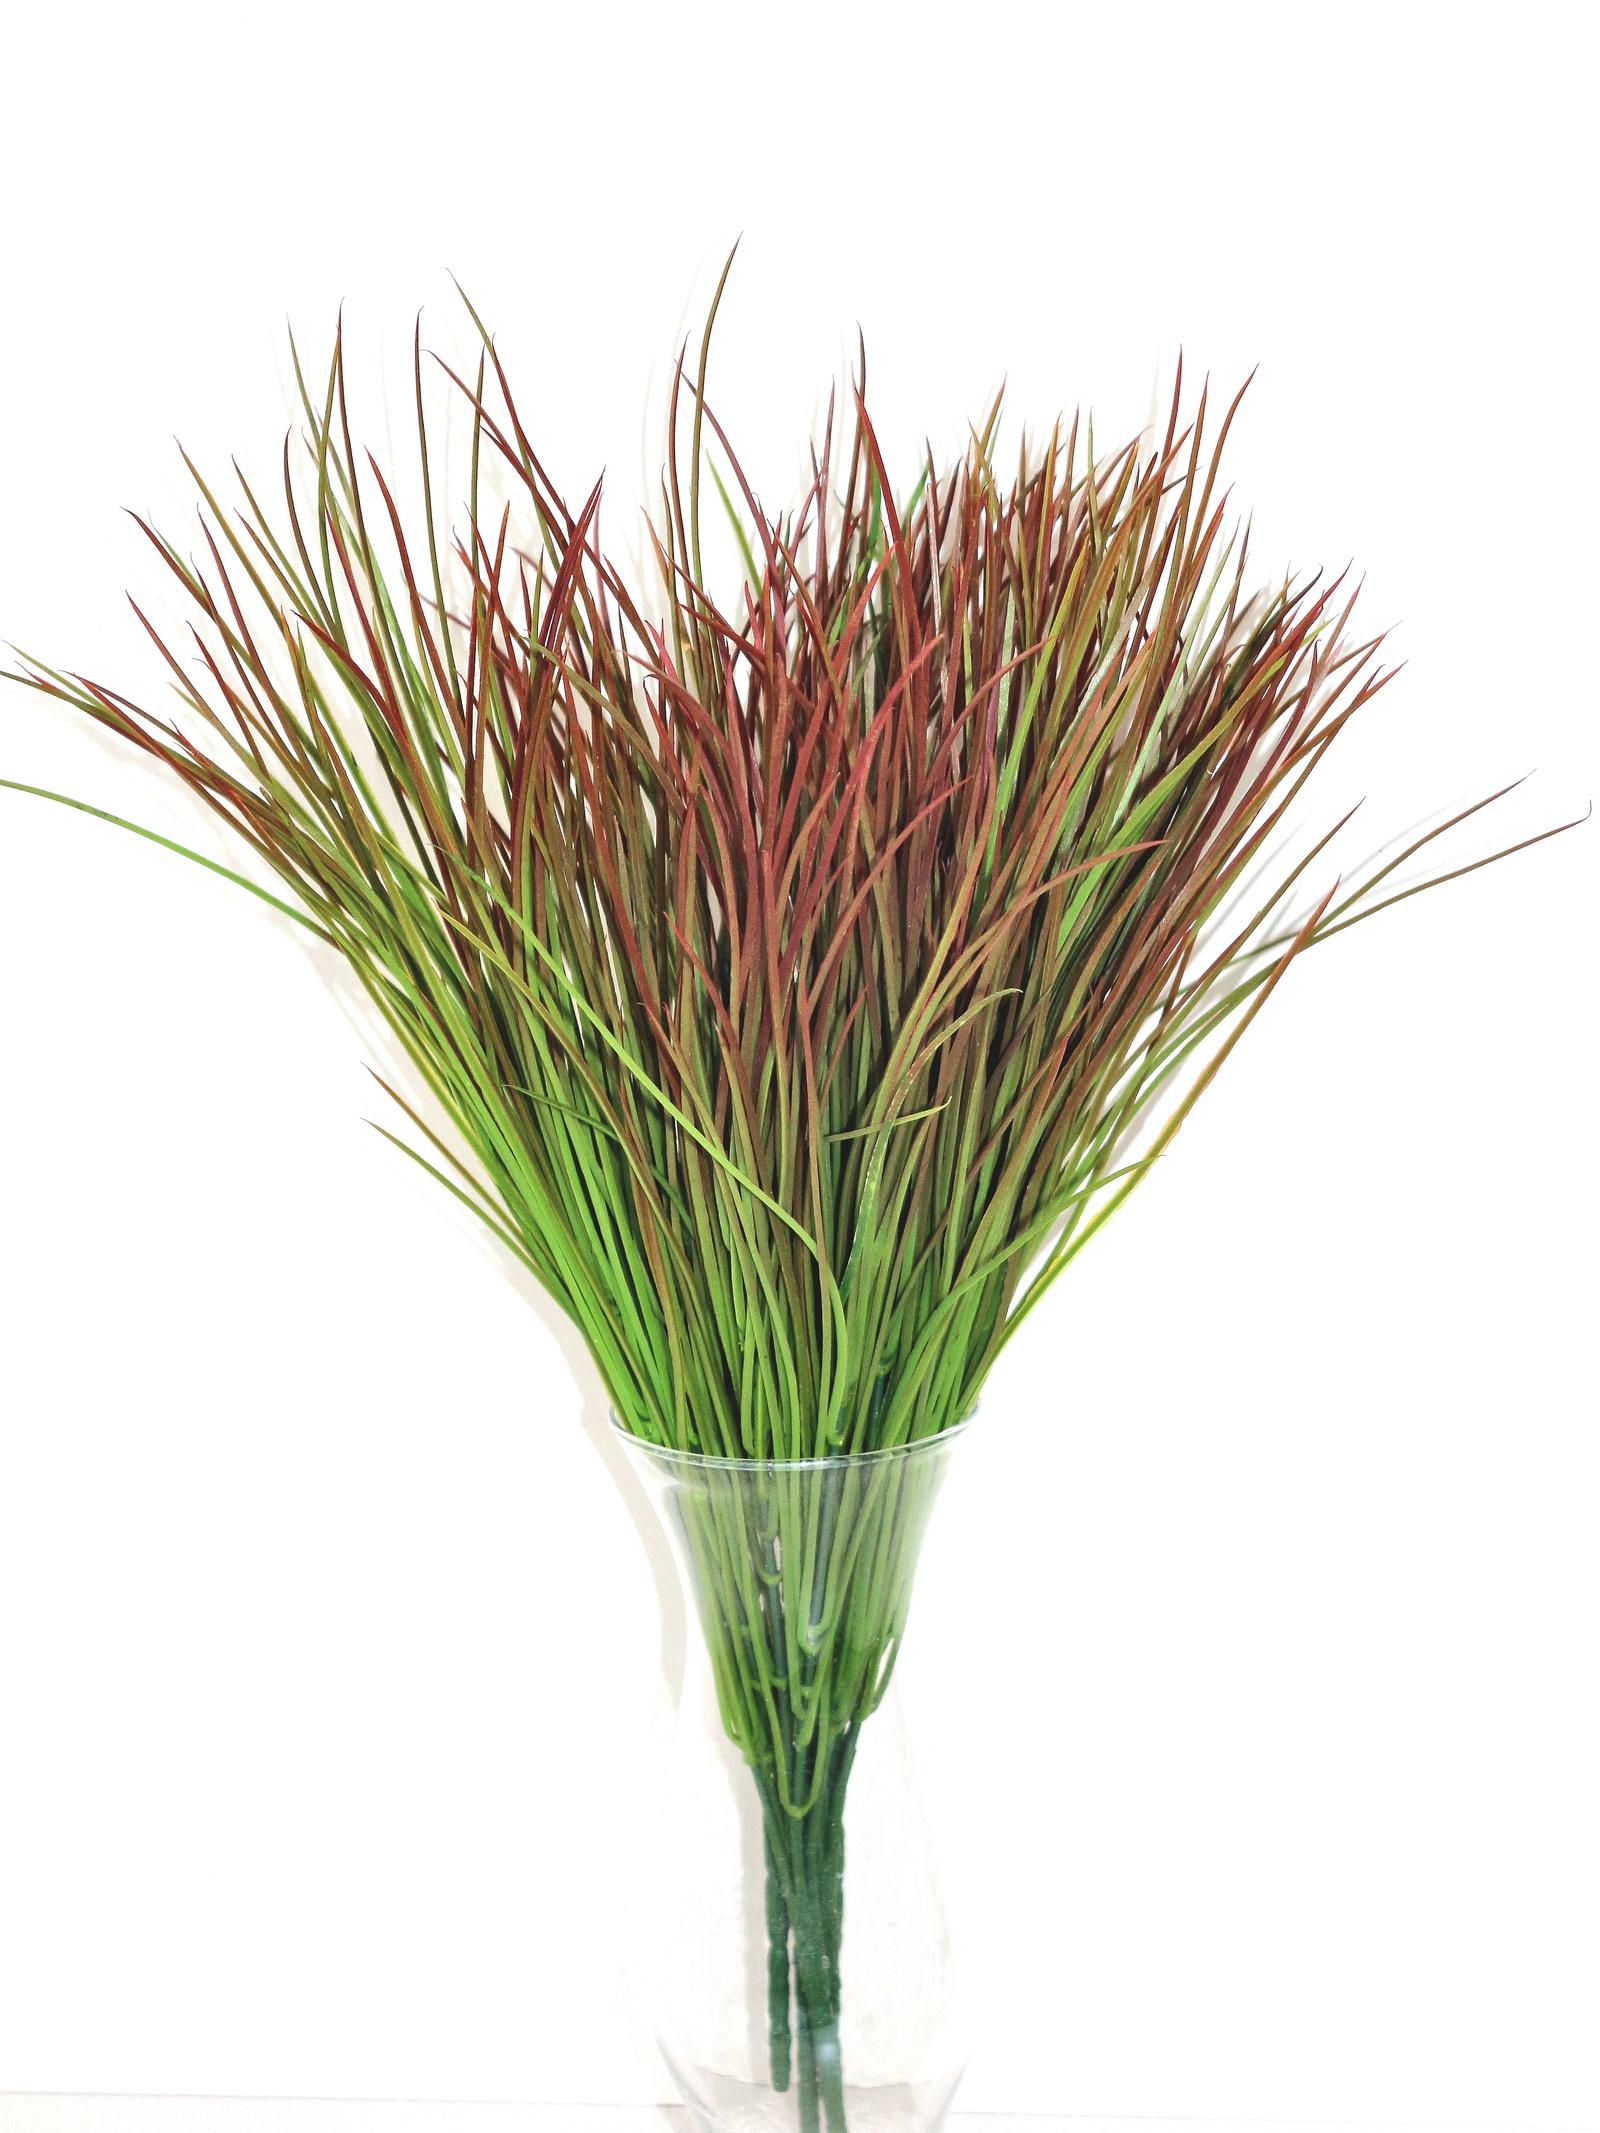 Трава для украшения букетов фото, для наречених